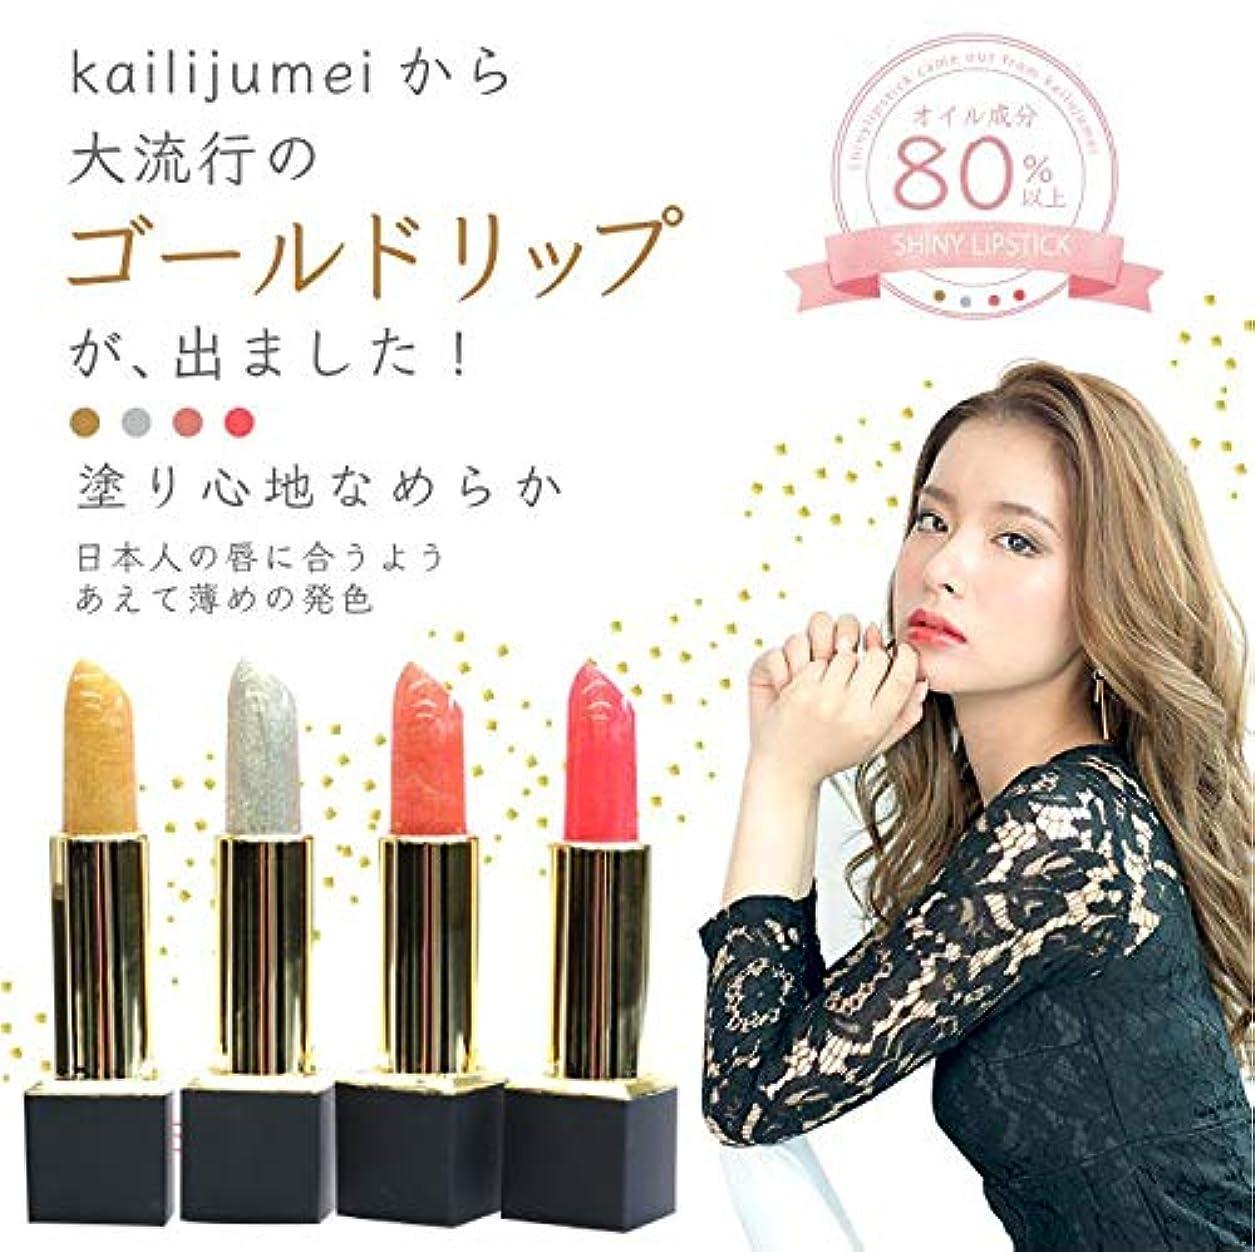 ビバウルル資格情報Kailijumei シャイニーリップ ひと塗りでゴージャスな唇へ ゴールドリップ 口紅 (シャイニーシルバー)